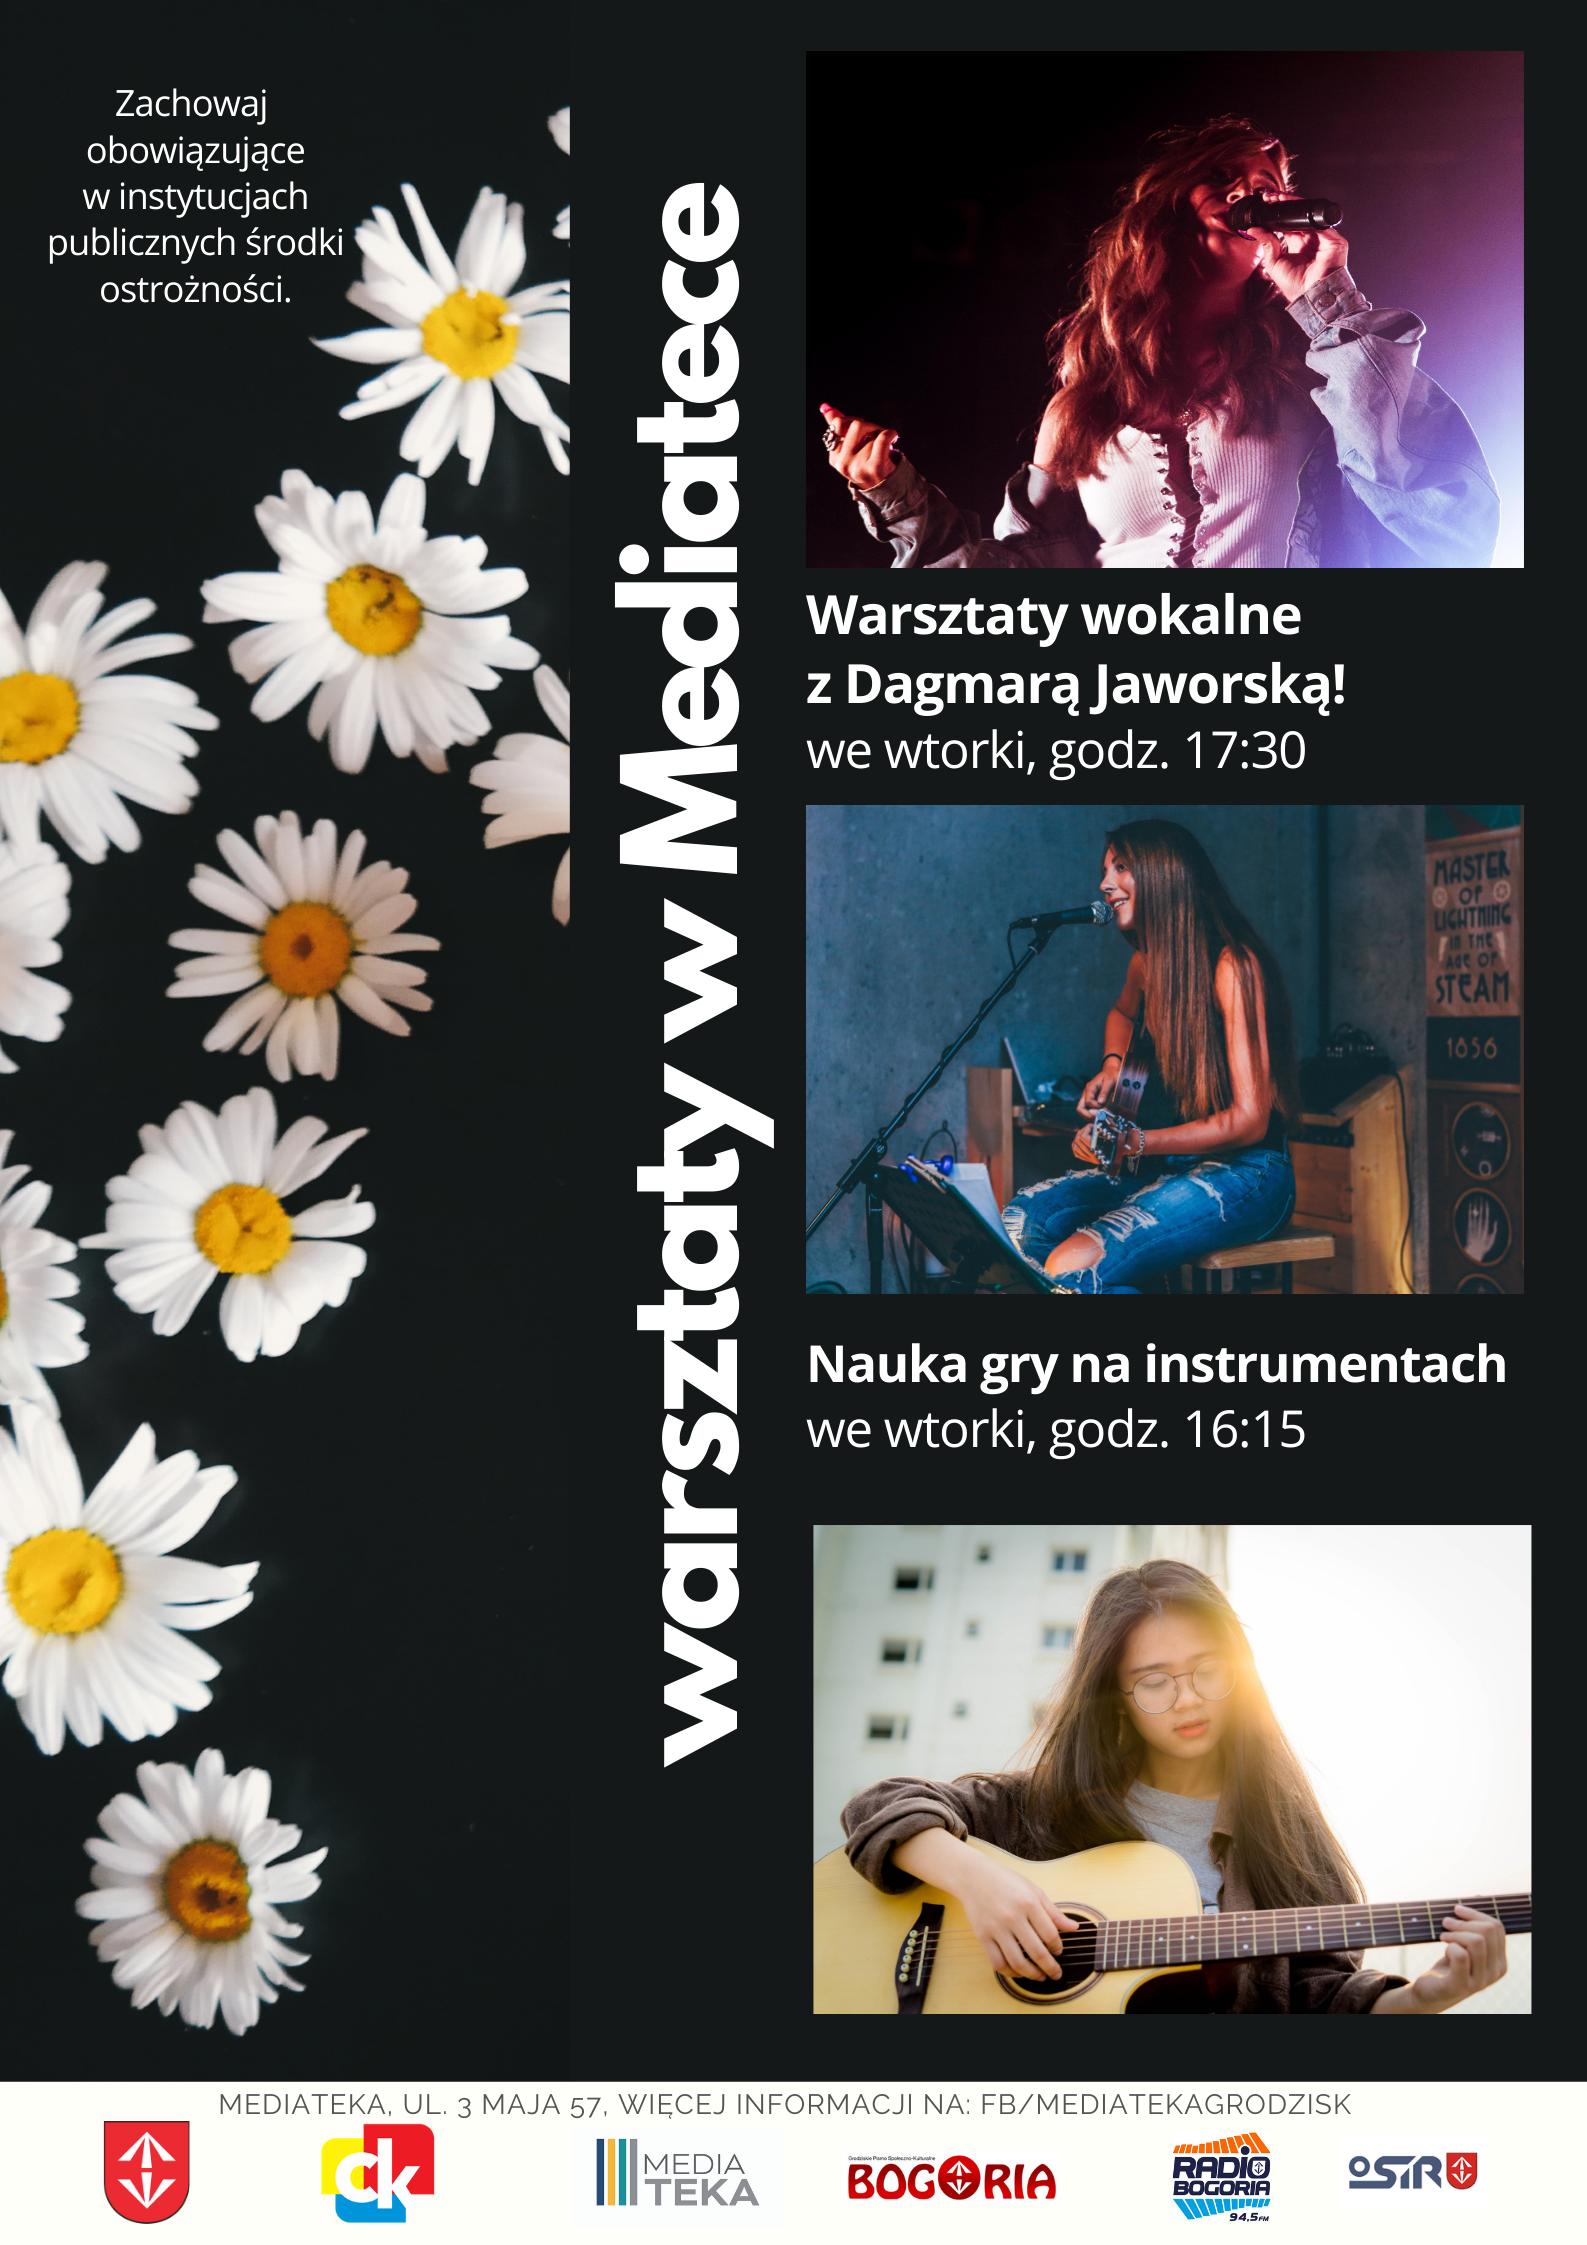 Plakat informujacy o warsztatach wokalnych i instrumentalnych